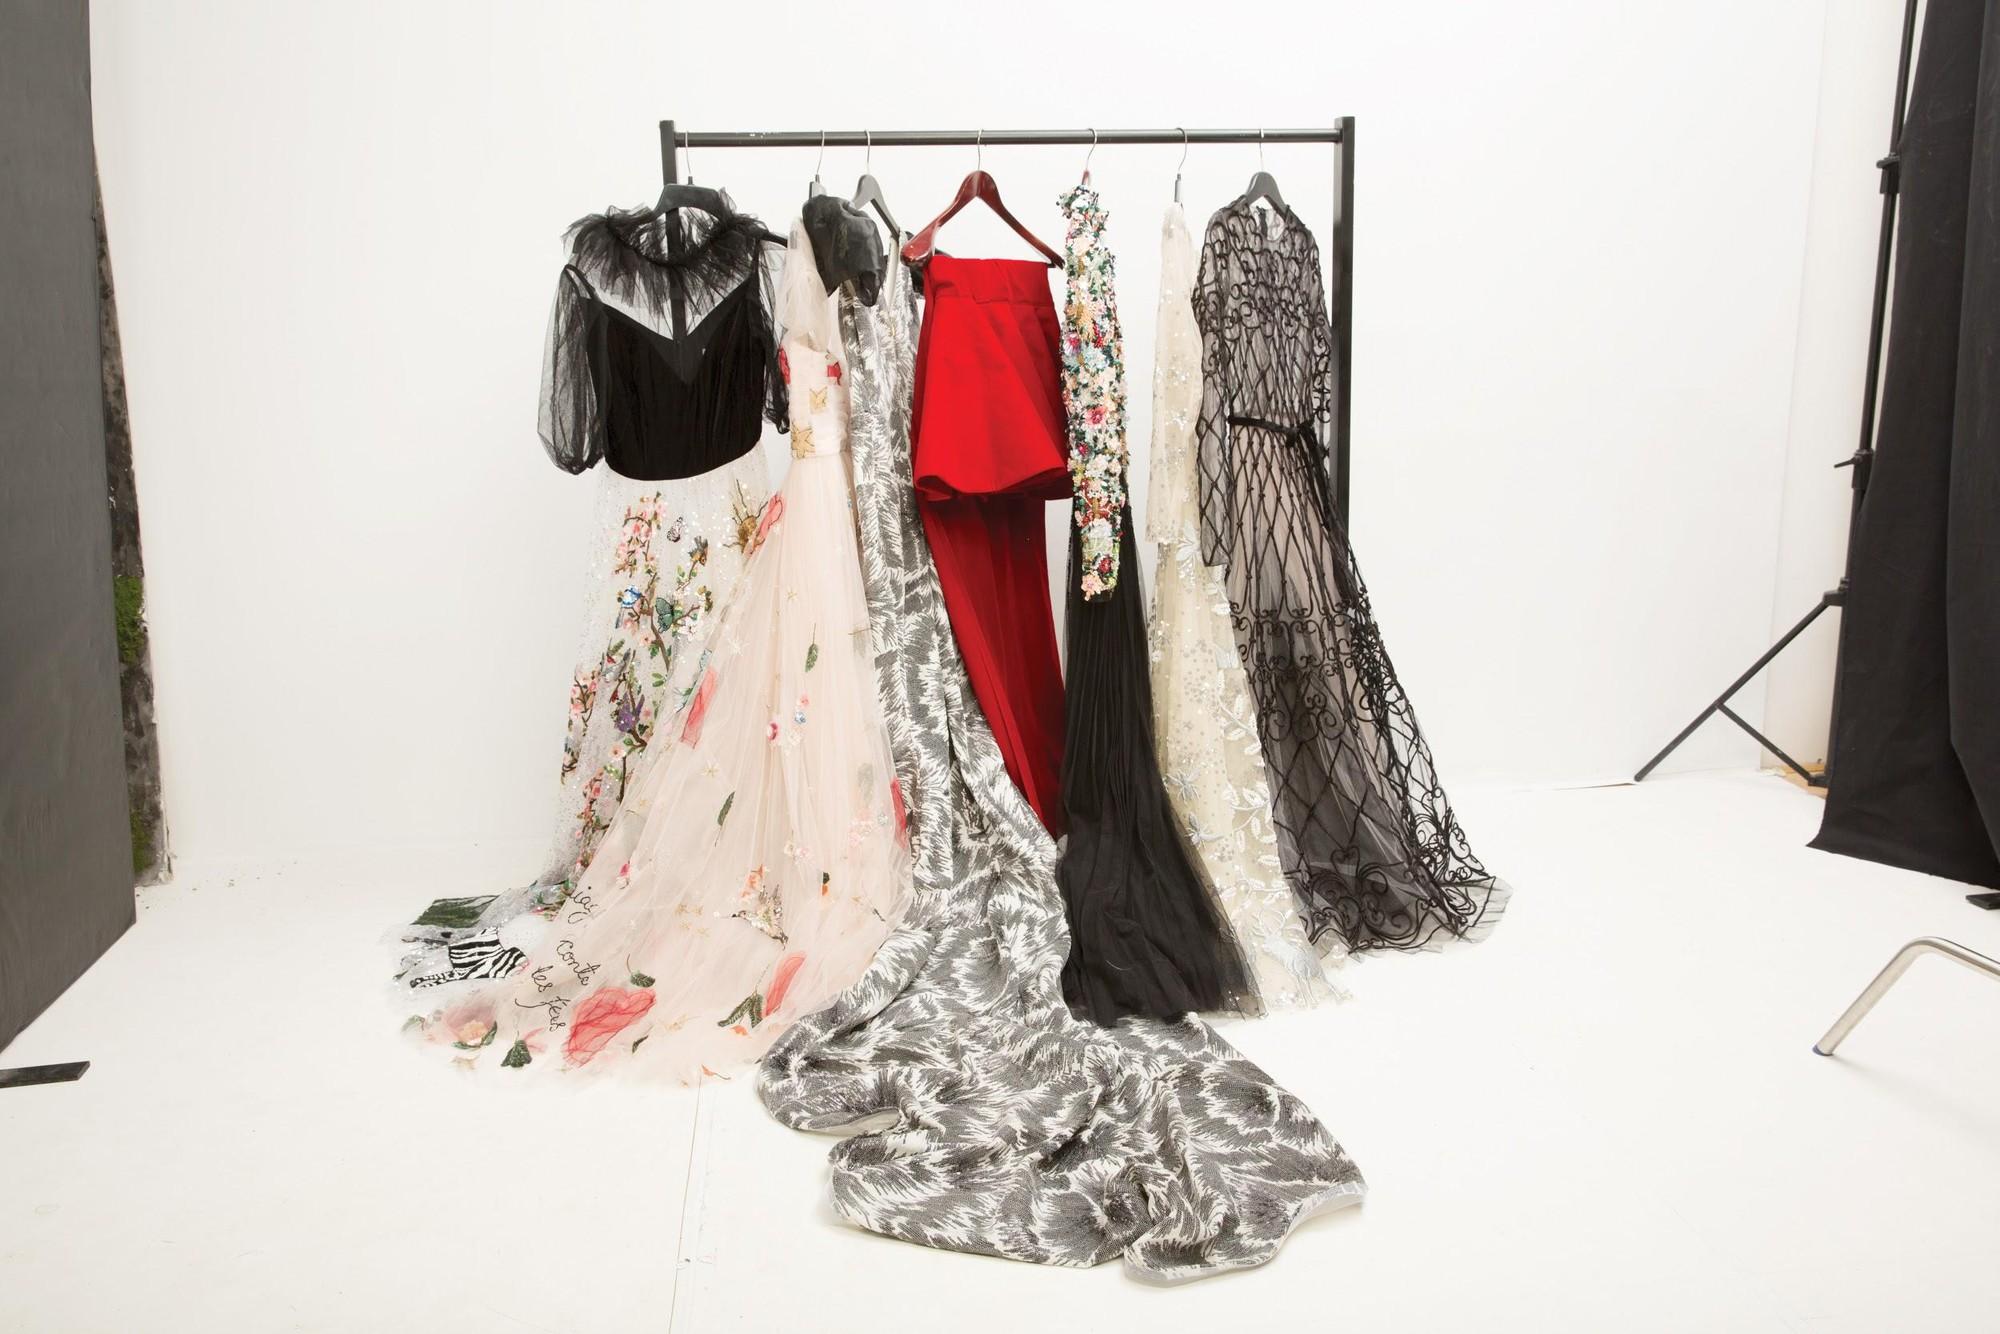 Chiếc tủ thần thánh giúp người nổi tiếng xử đẹp các rắc rối trang phục - Ảnh 2.